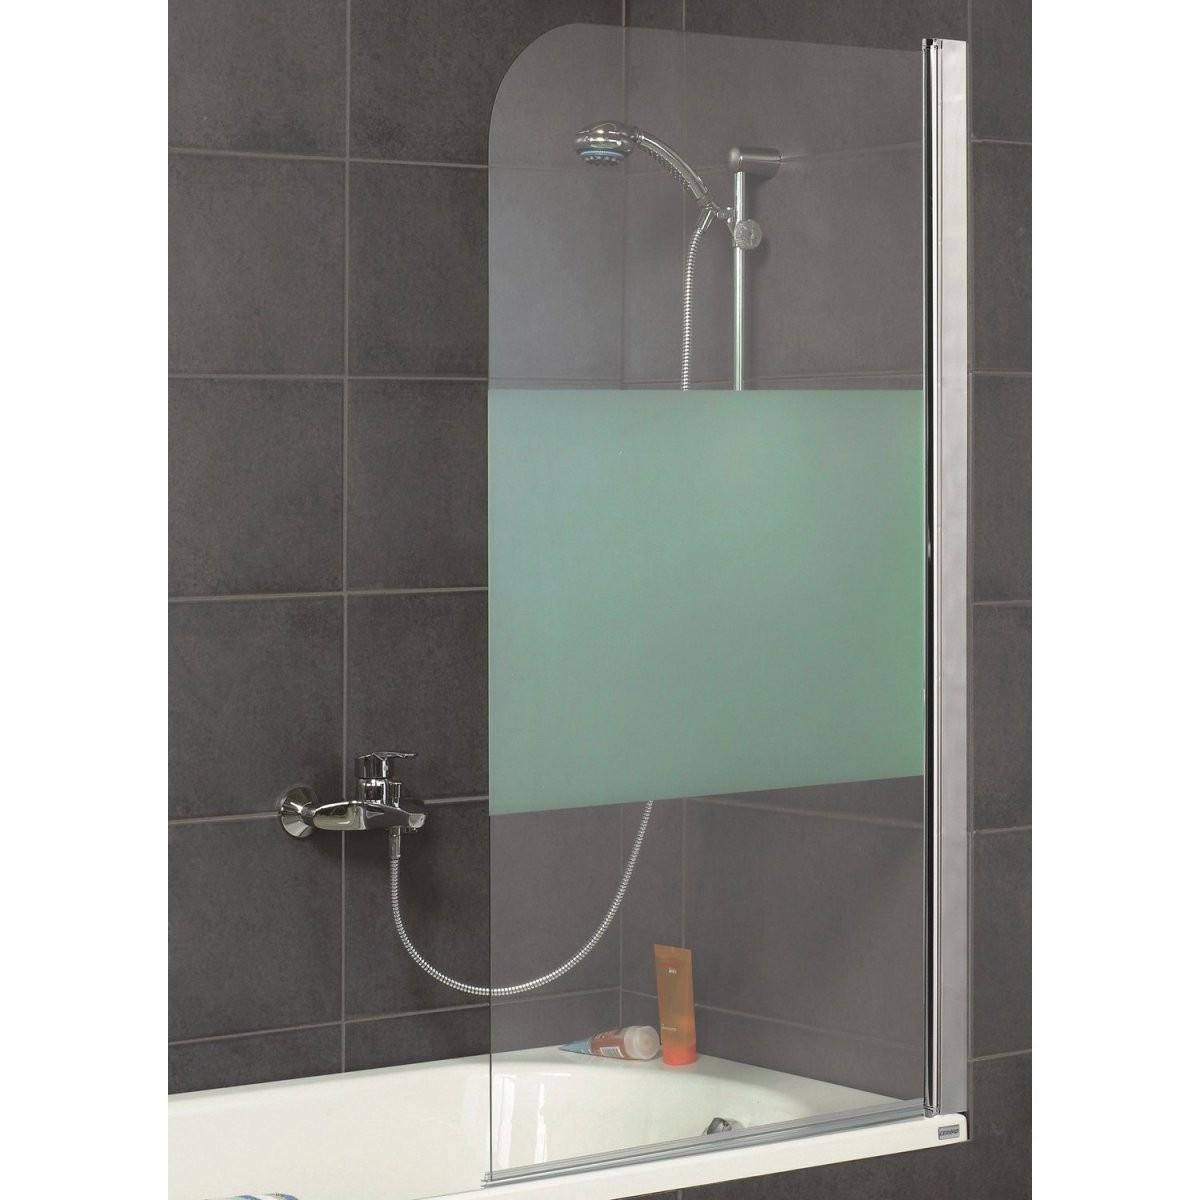 Badewannenaufsatz 80 Cm X 140 Cm Kaufen Bei Obi von Duschwand Für Badewanne Obi Bild